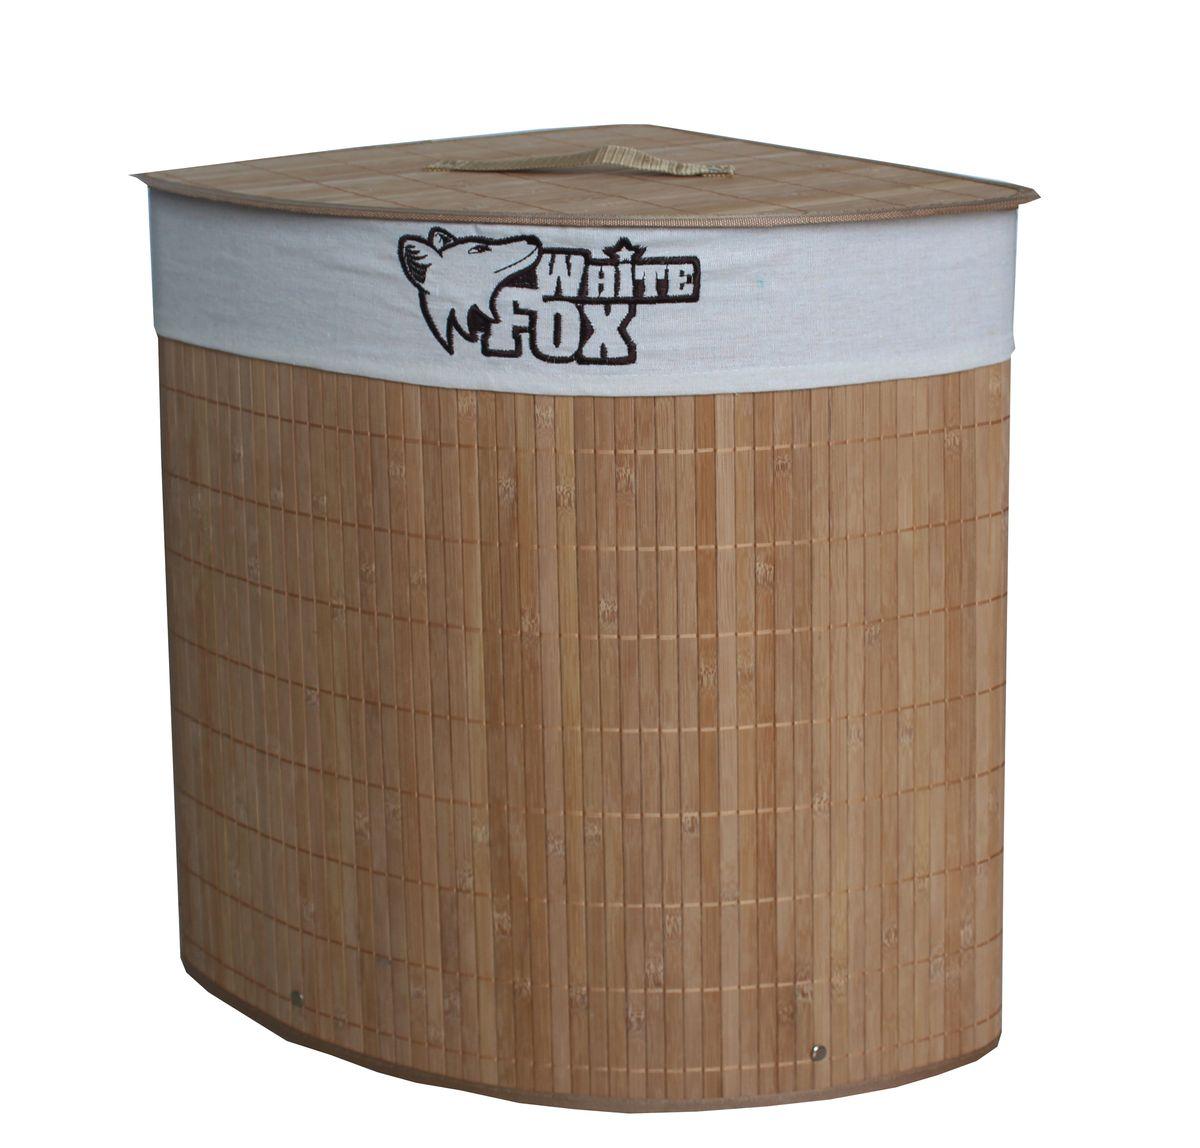 Корзина для белья White Fox Bamboo Standart, угловая391602Корзина для белья White Fox Bamboo Standart предназначена для организации и хранения белья. Съемный чехол можно стирать в стиральной машине при деликатной стирке. Удобные ручки помогут перемещать корзину в любое удобное место. Угловая конструкция легко впишется в любой интерьер.